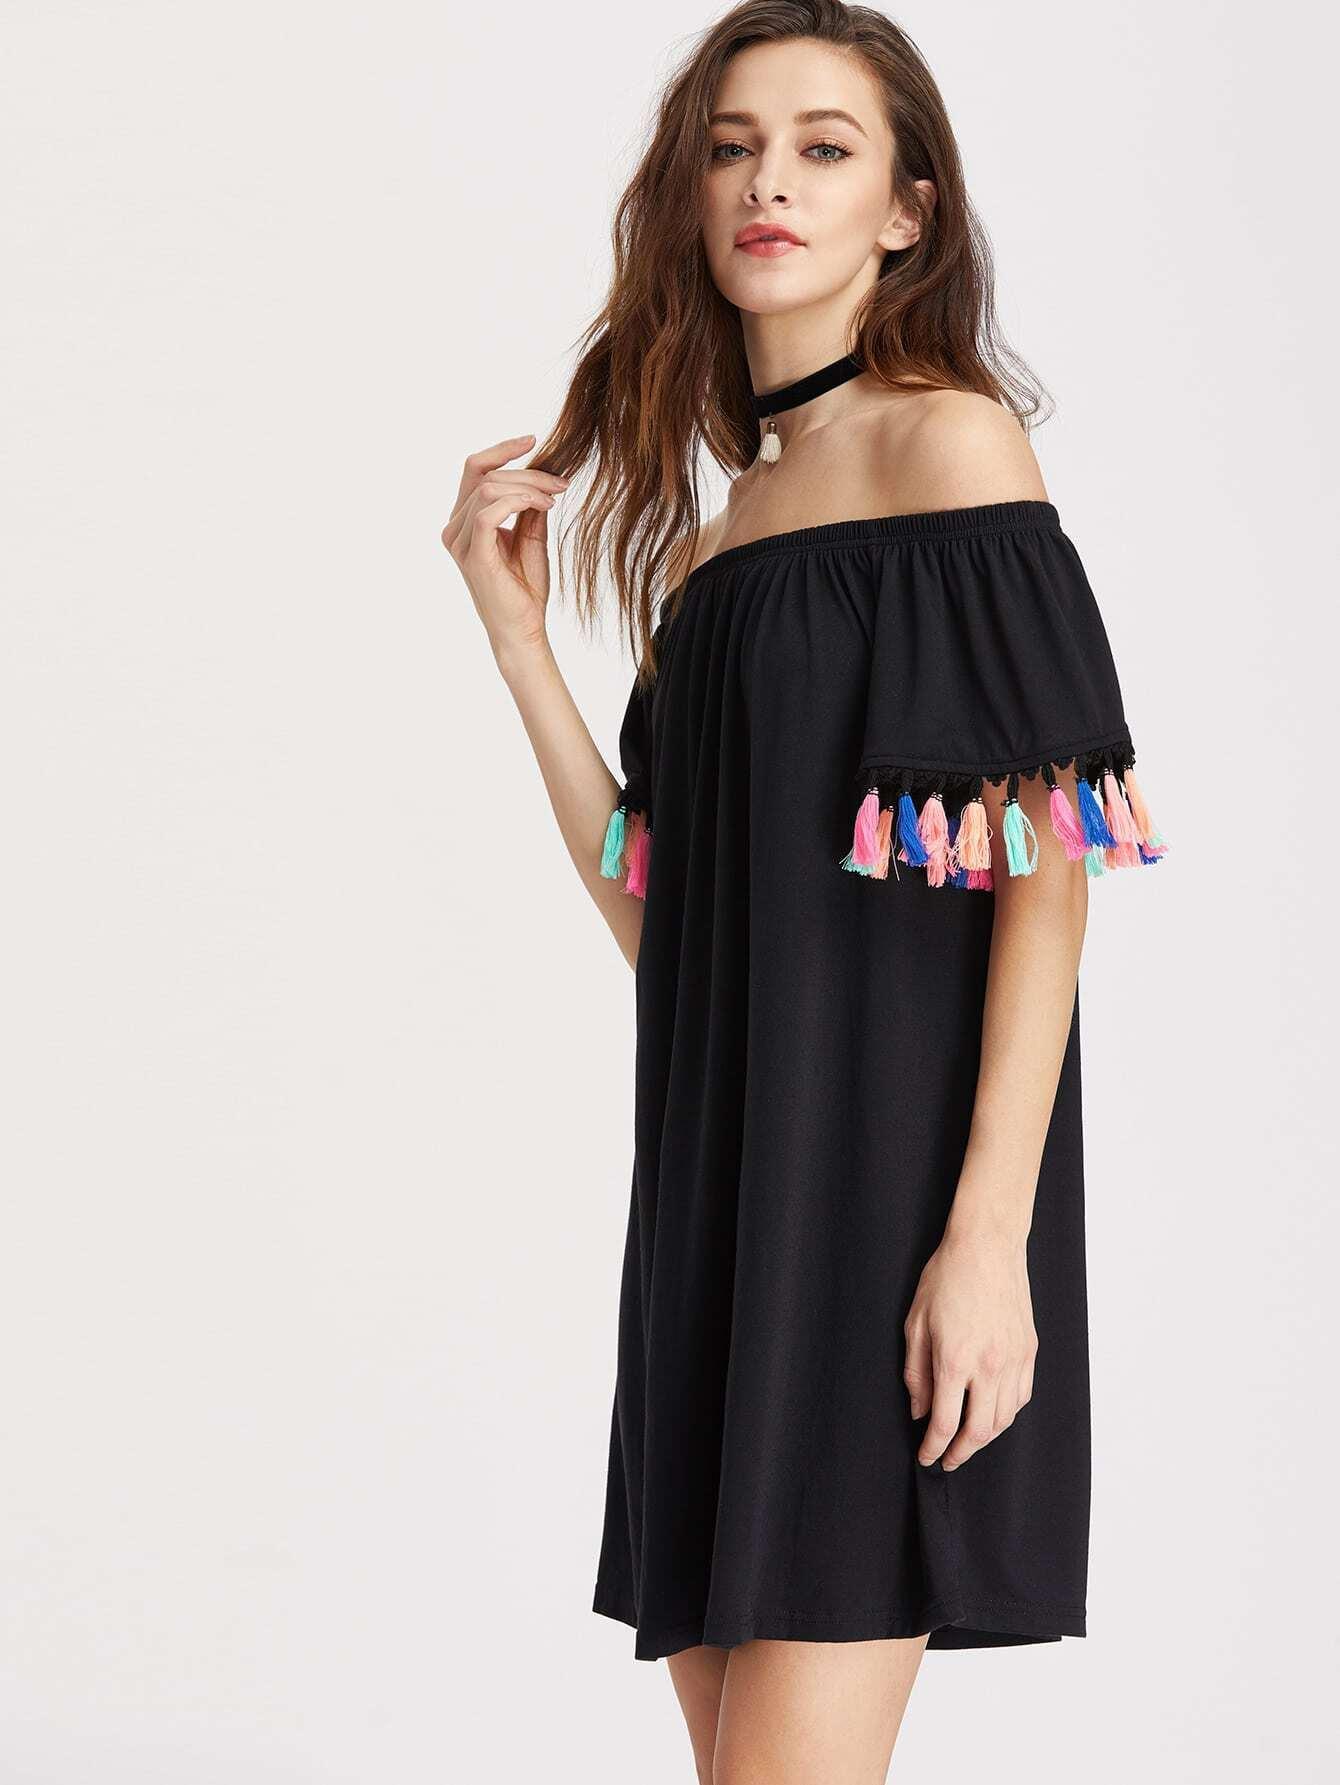 dress170419702_2